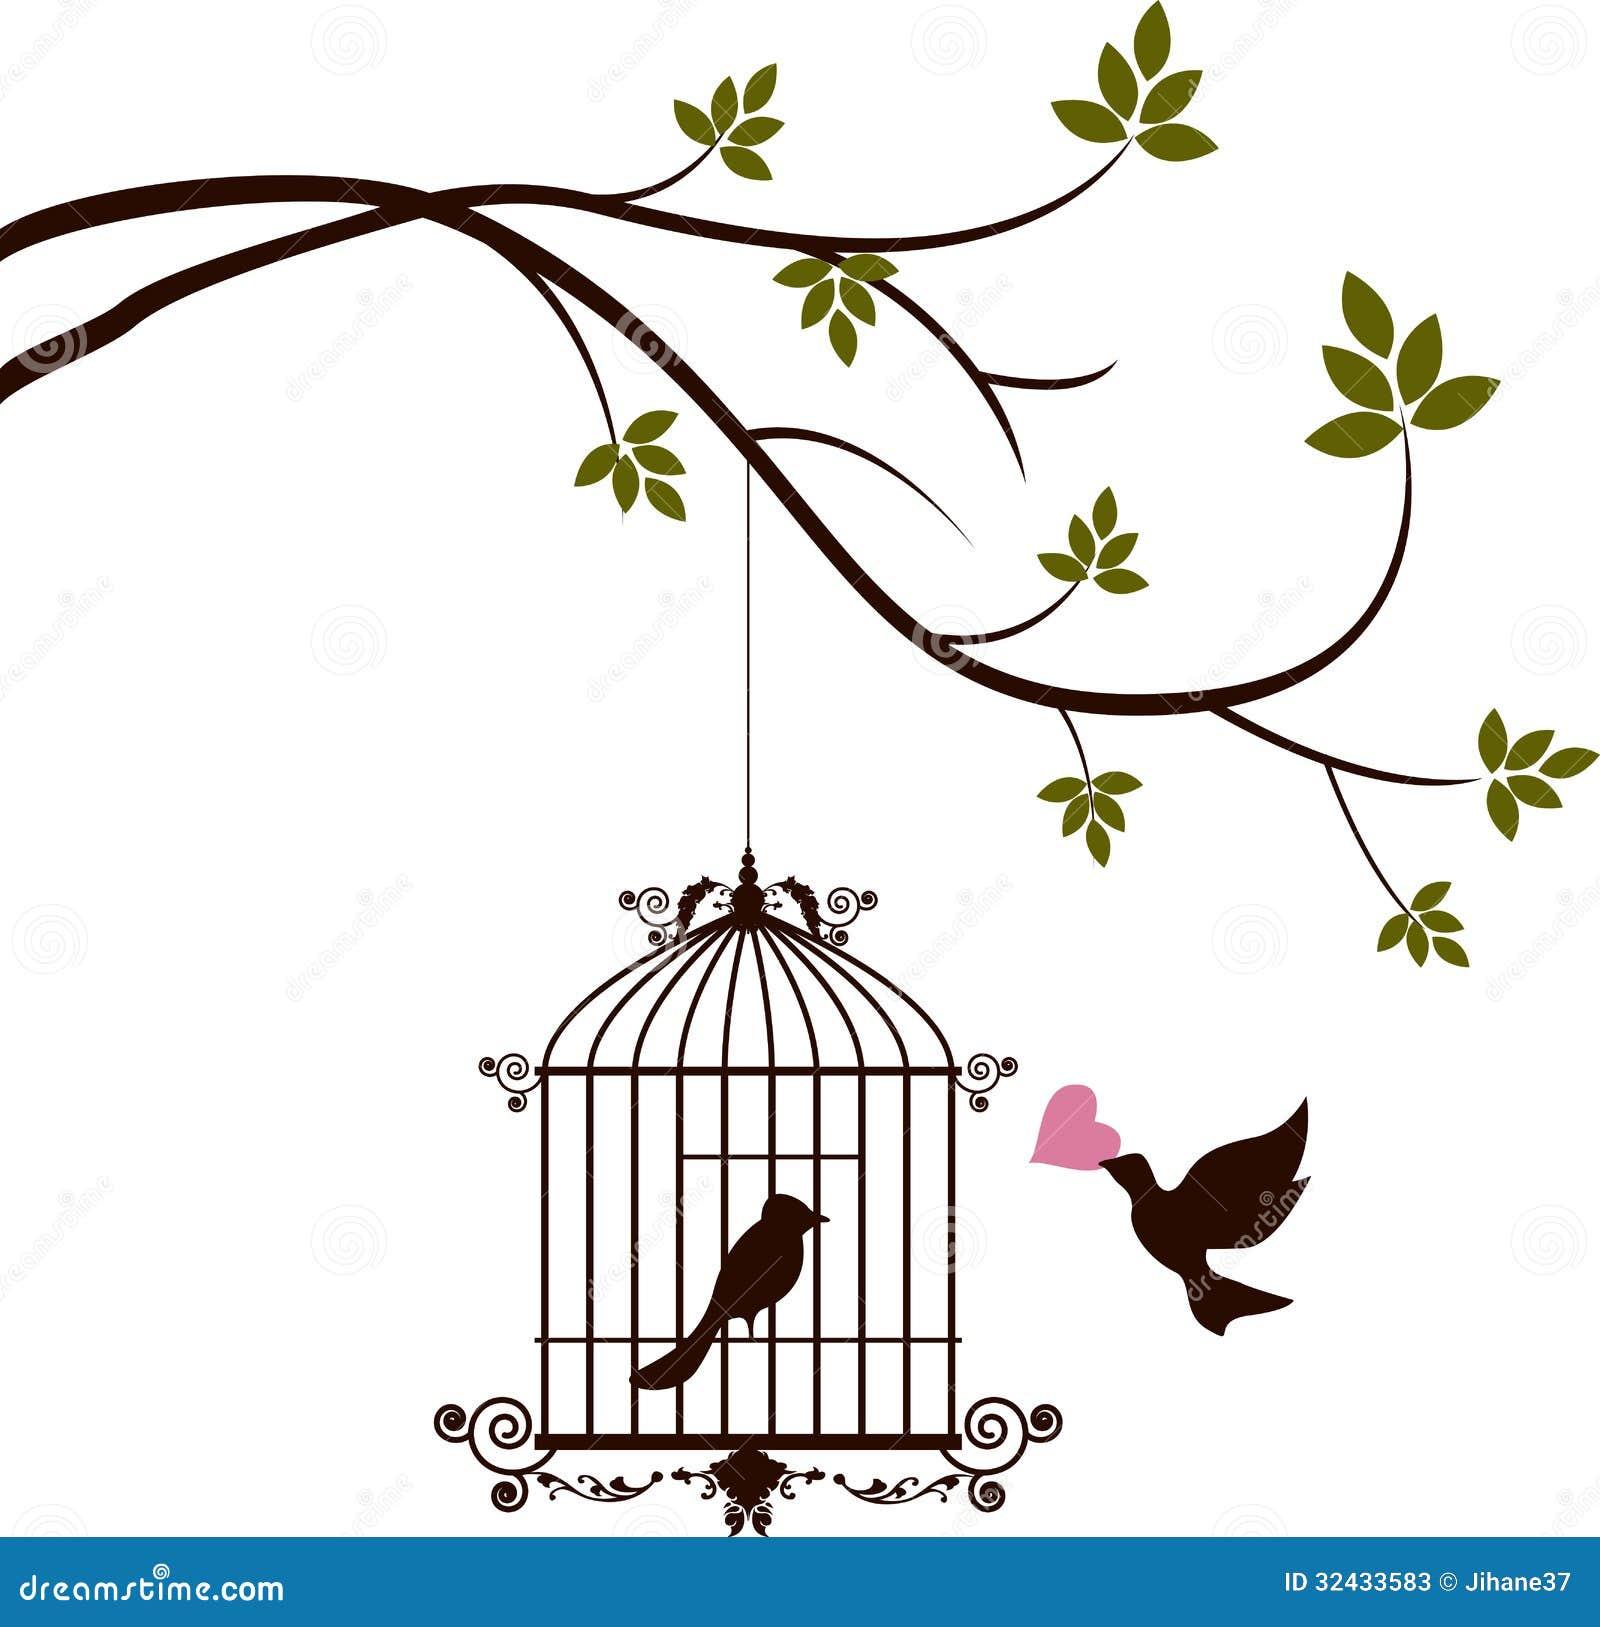 De vogel brengt liefde aan de vogel in de kooi